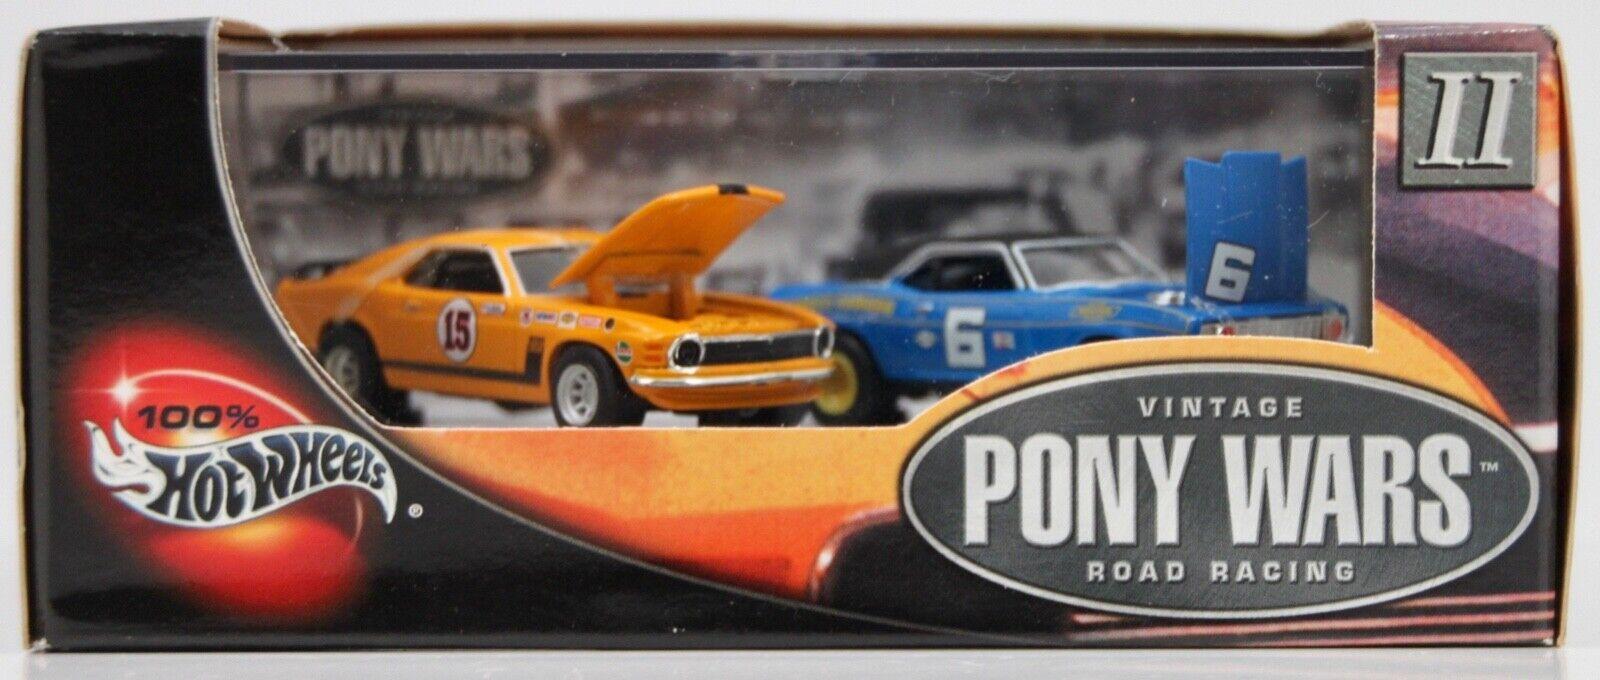 2002 NOS HOT Wtalons 100% Vintage PONY  WARS Road Racing II 69 Camaro 70 Mustang  détaillants en ligne